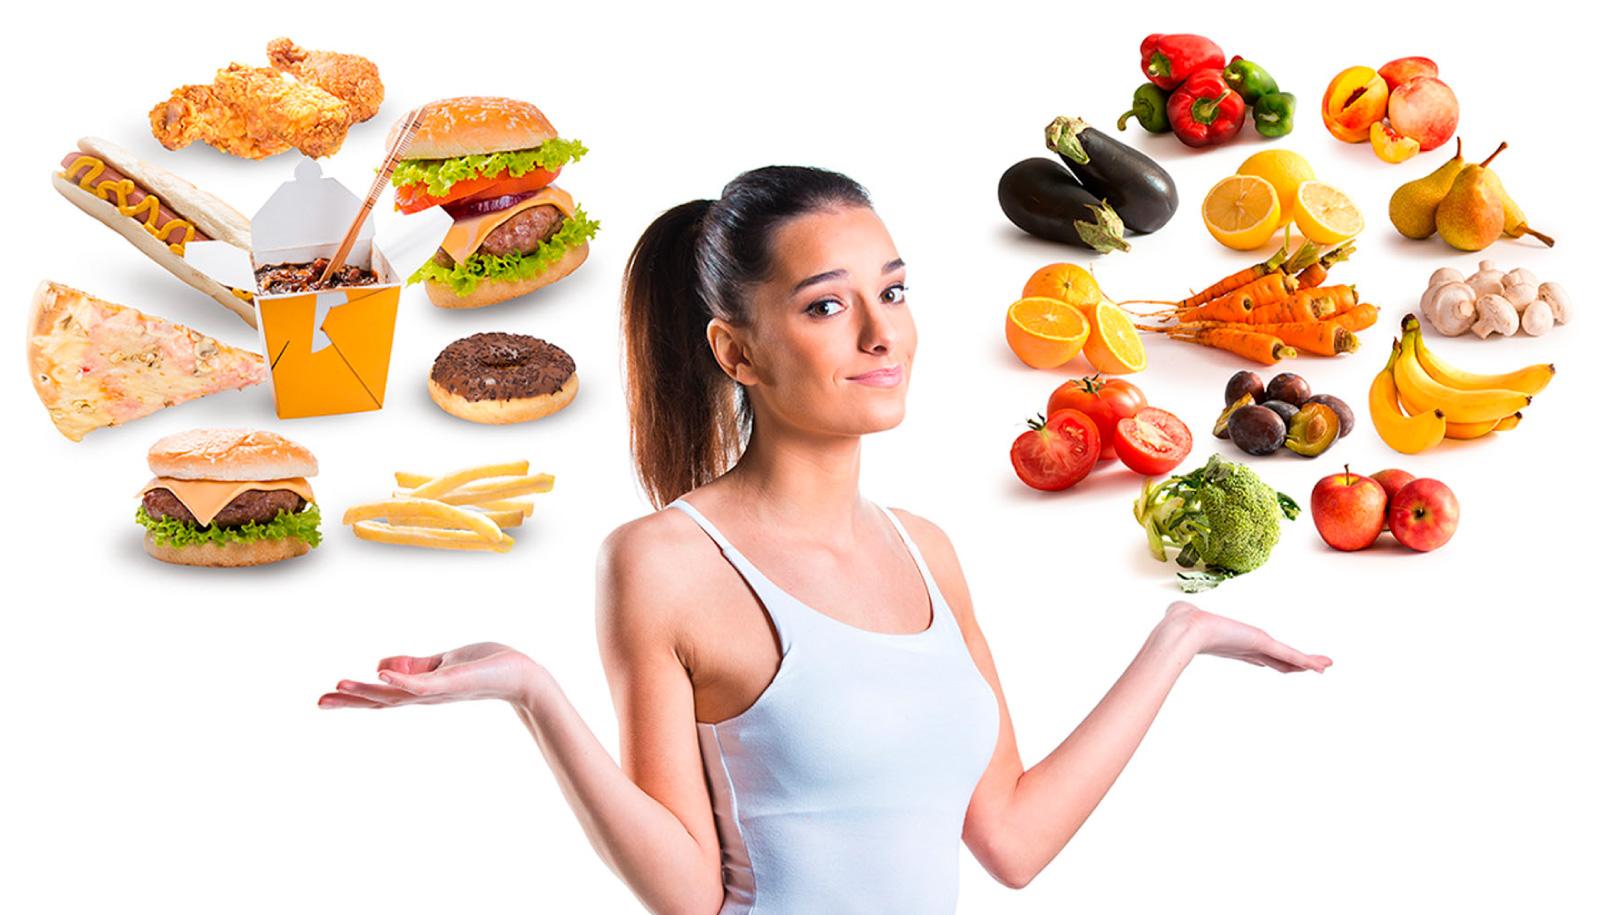 El impacto bidireccional en la alimentación y estrés